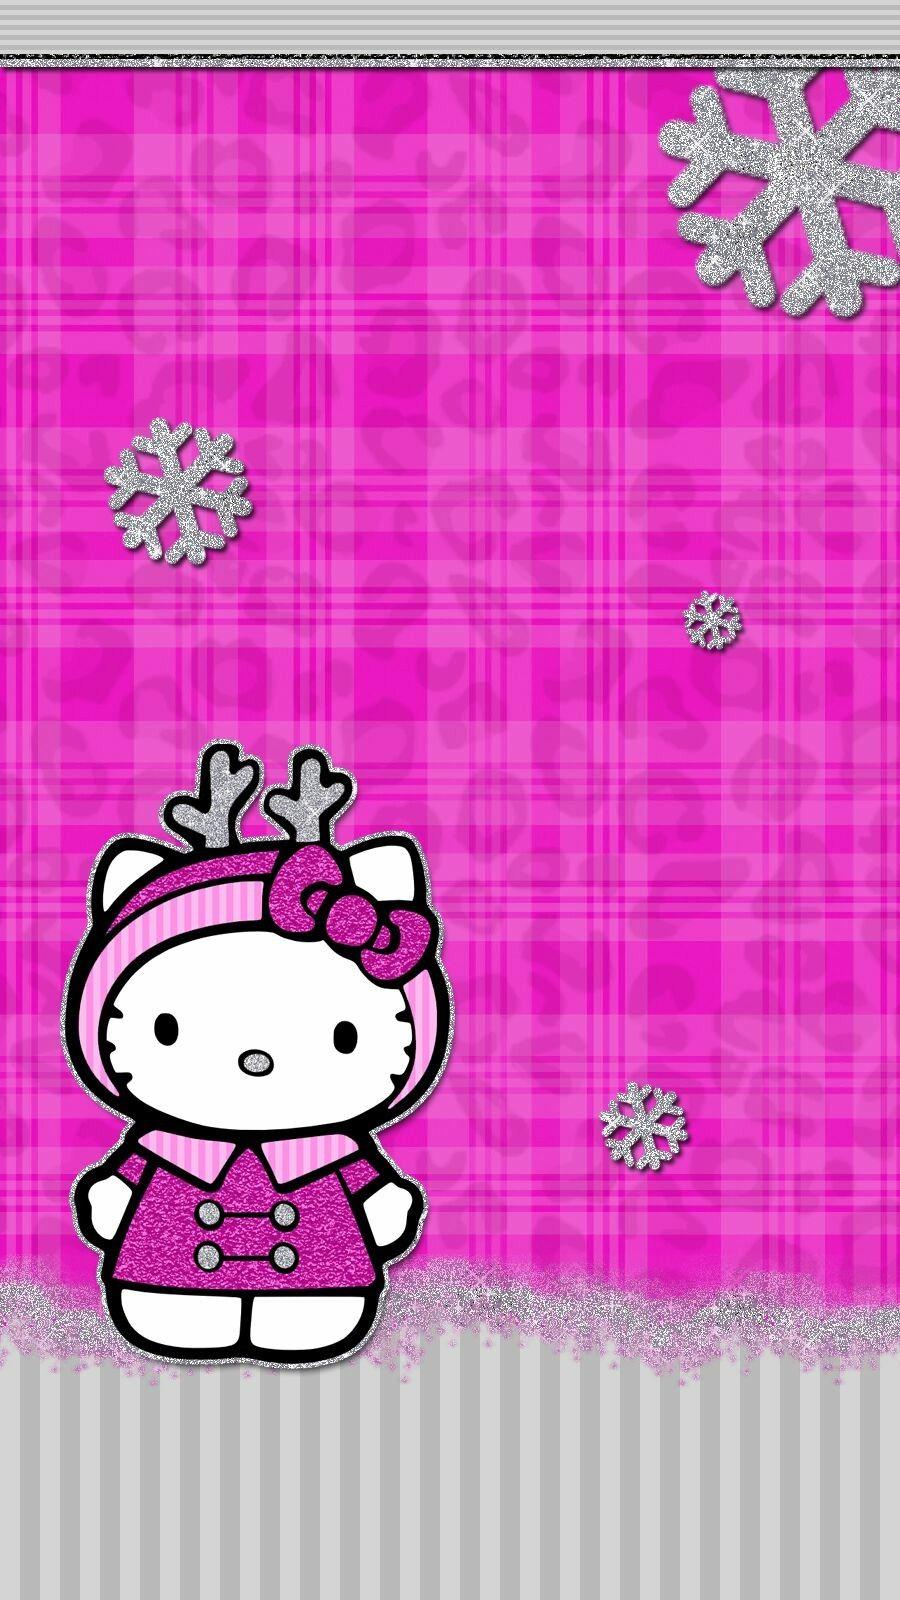 Pin By Carolina Moreno On Hello Kitty Hello Kitty